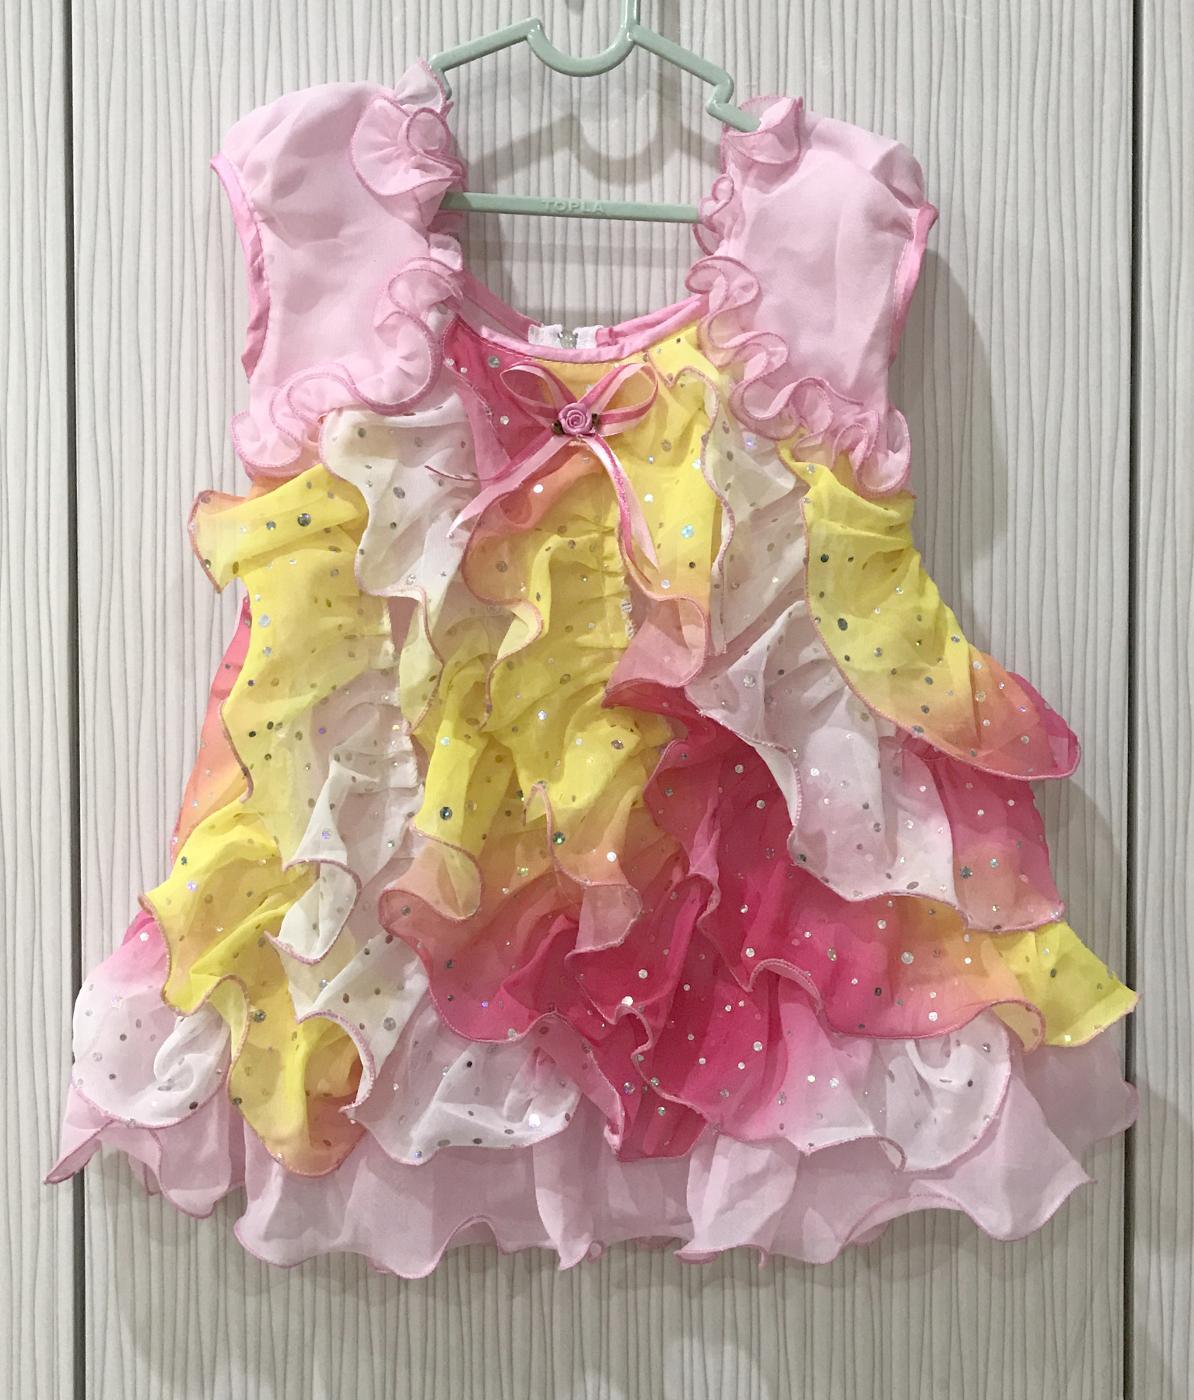 Cek Harga Baru Bayie Celana Dalam Bayi Anak Perempuan Model Renda Cd Wanita Baju Pesta Rampel Serong Umur 1 2 Tahun Panca